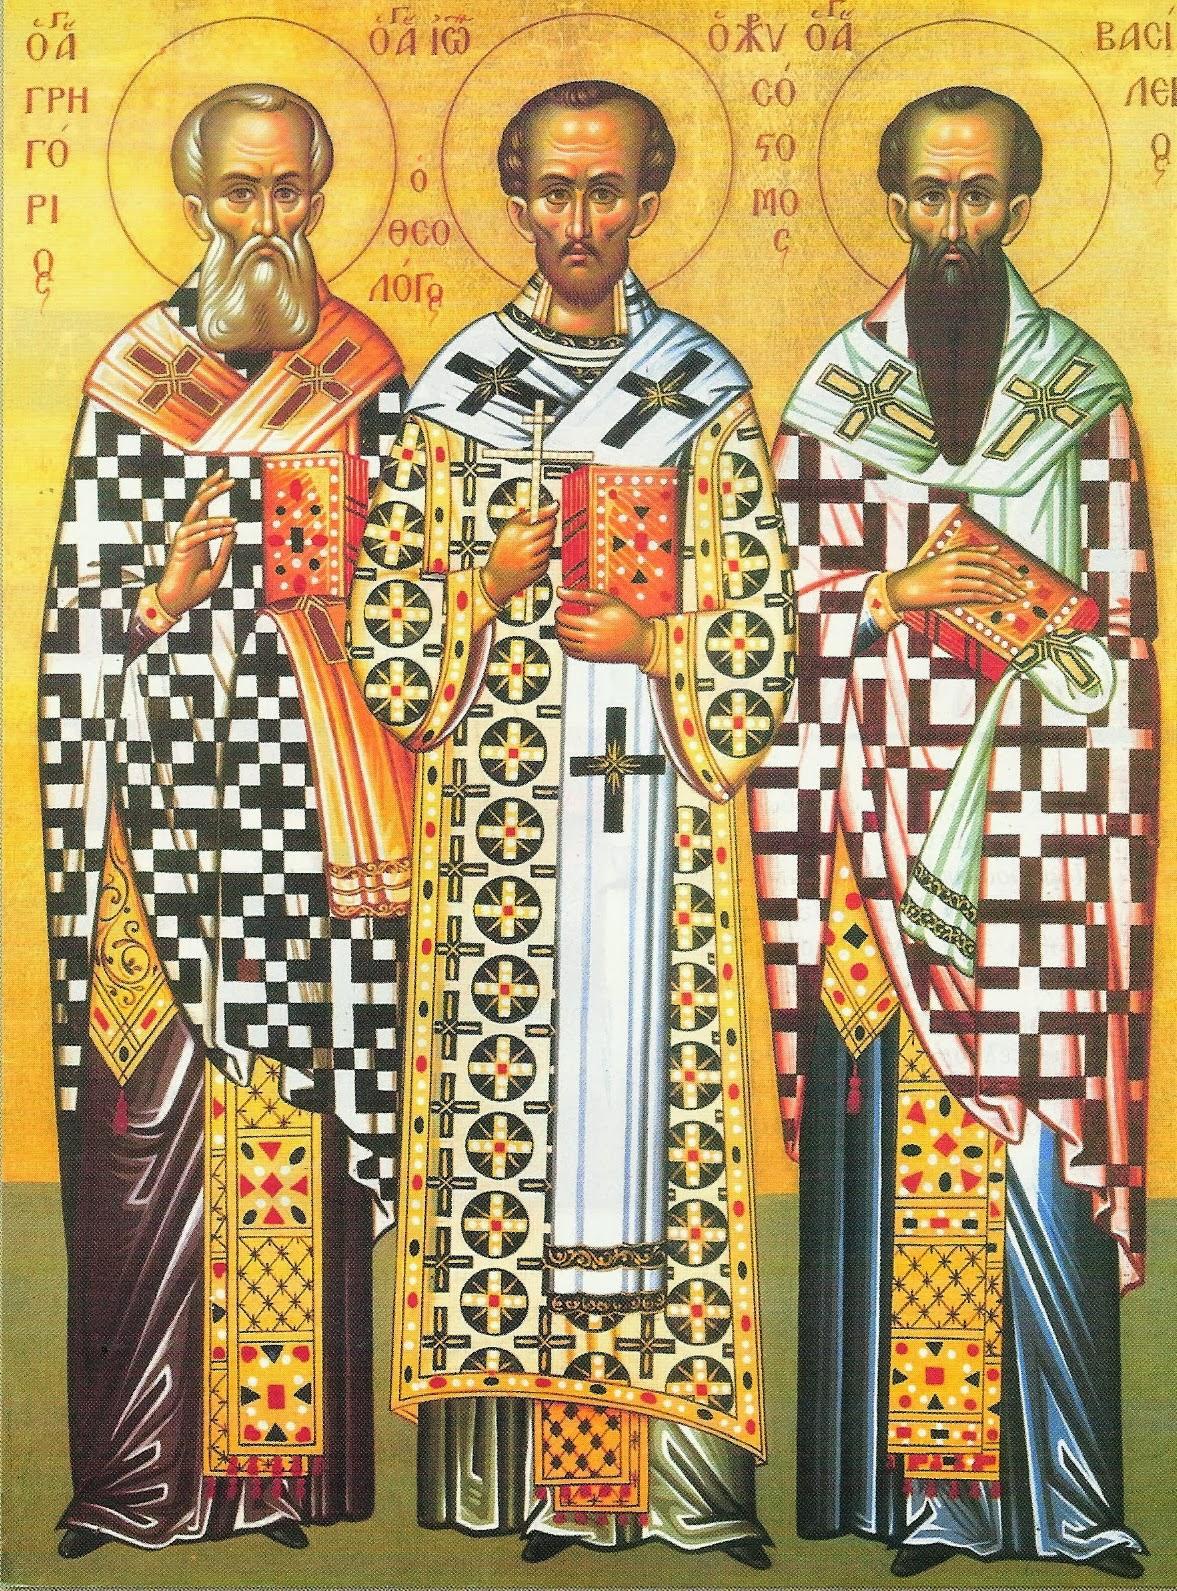 Οι Άγιοι 3 Ιεράρχες: Γρηγόριος-Ιωάννης-Βασίλειος